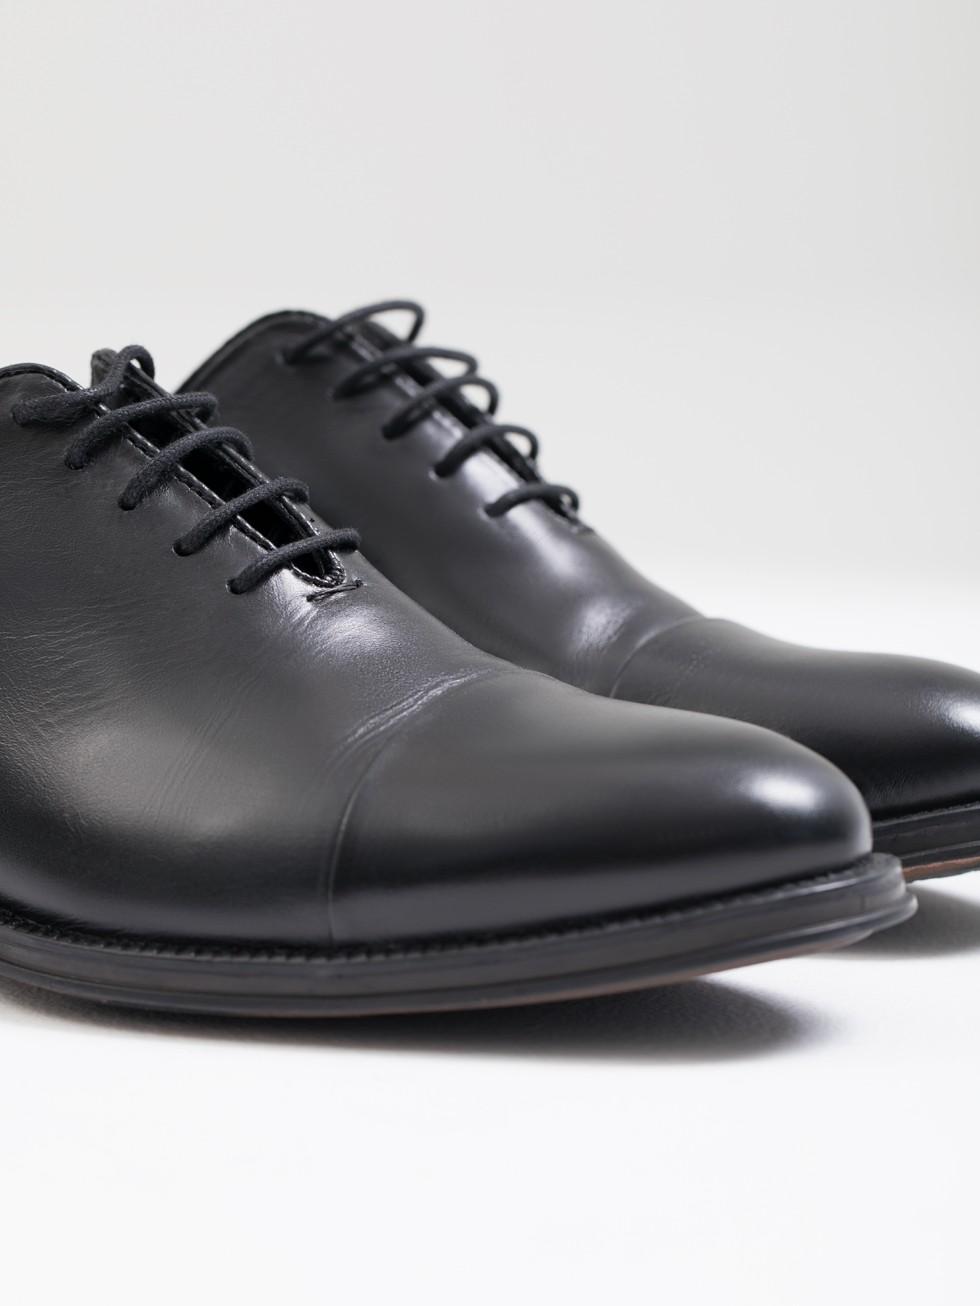 Negro Oxford Zapato Piel Oxford Zapato 45AjRL